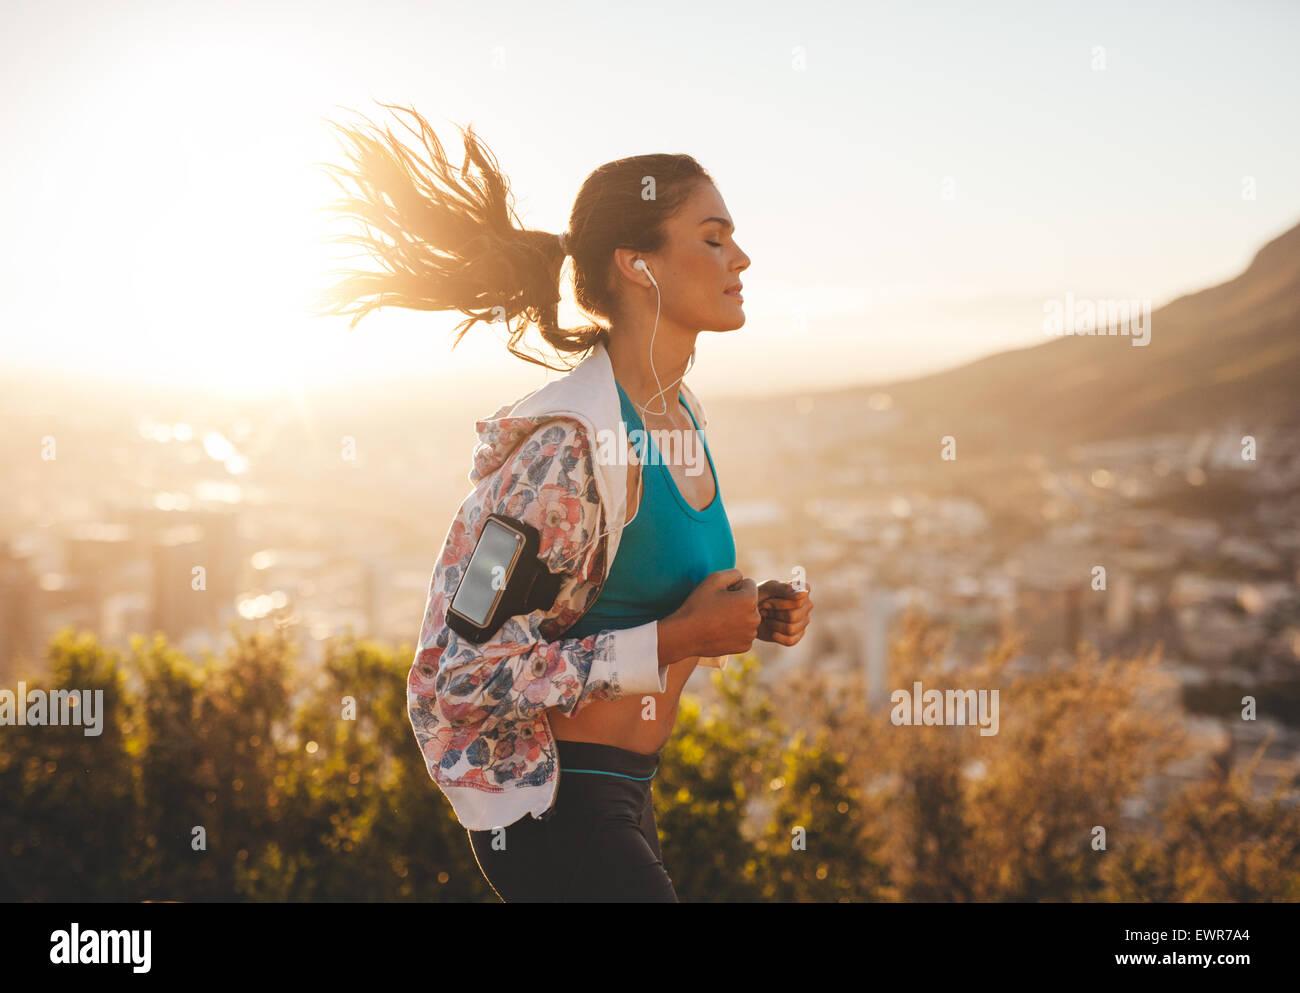 Ritratto di giovane e bella donna fuori per una corsa su una calda giornata di sole. Caucasian modello femminile Immagini Stock